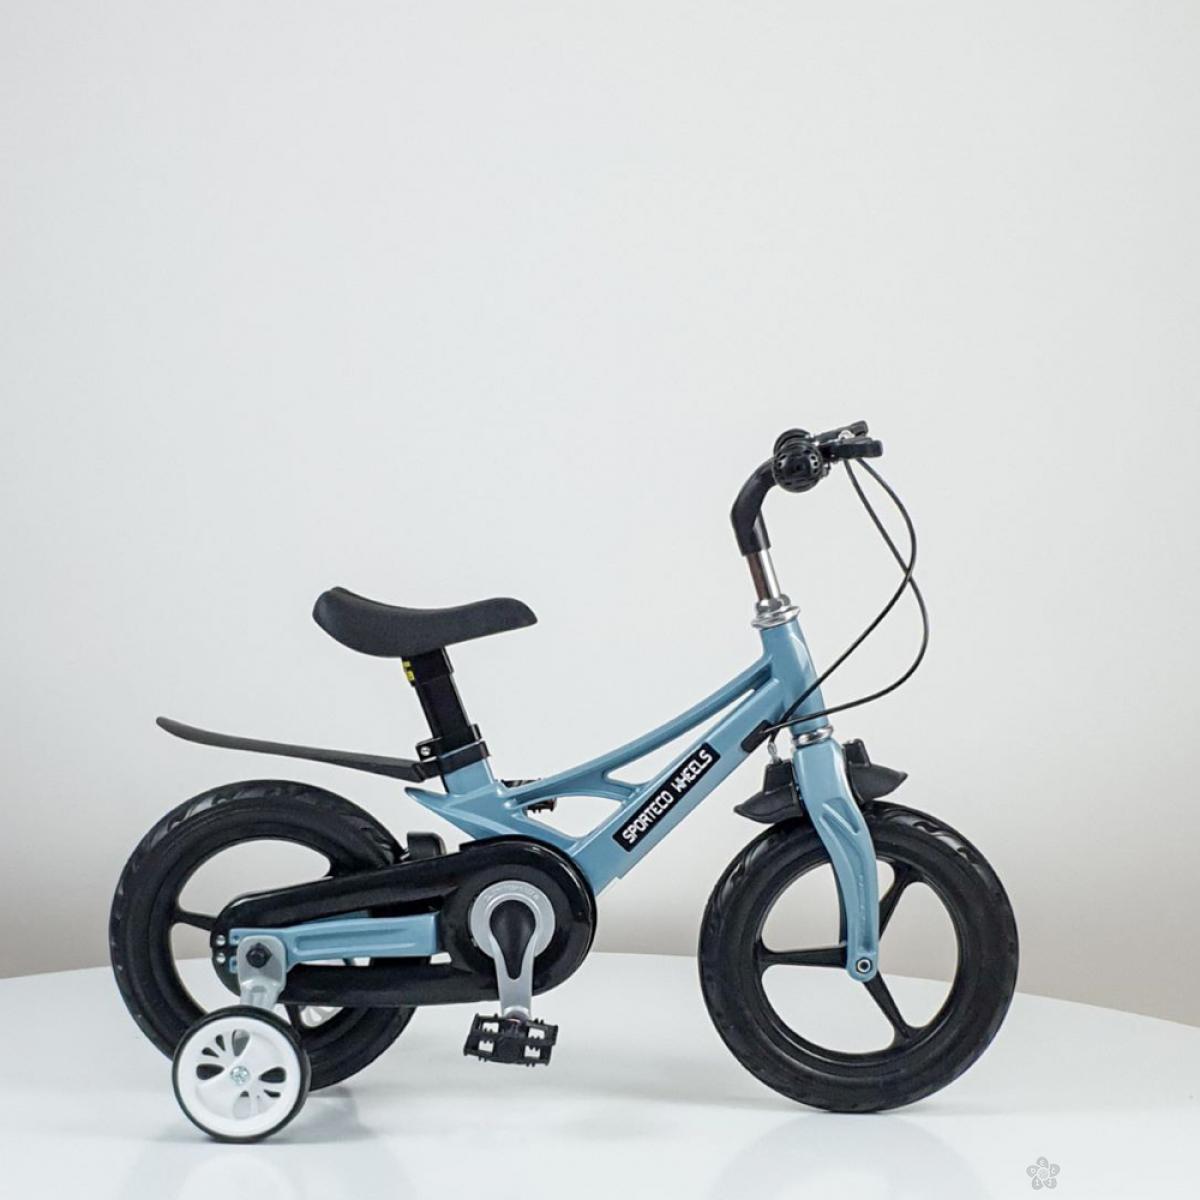 Bicikl Sporteco model 717-12 plavi